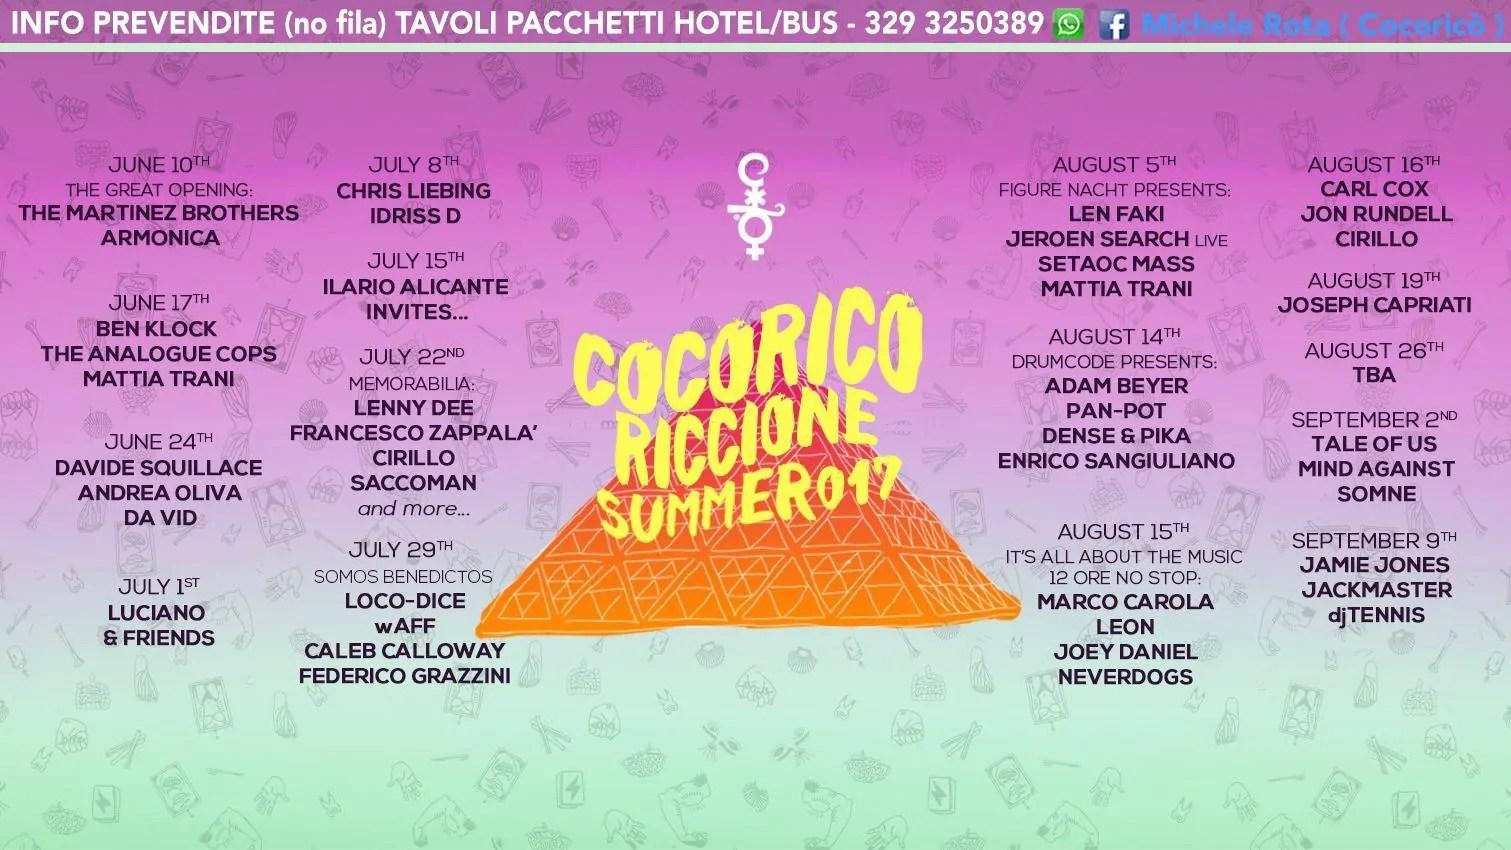 08 07 2017 Chris Liebing at Notte Rosa Cocoricò Riccione Prevendite +  Tavoli + Pacchetti Hotel